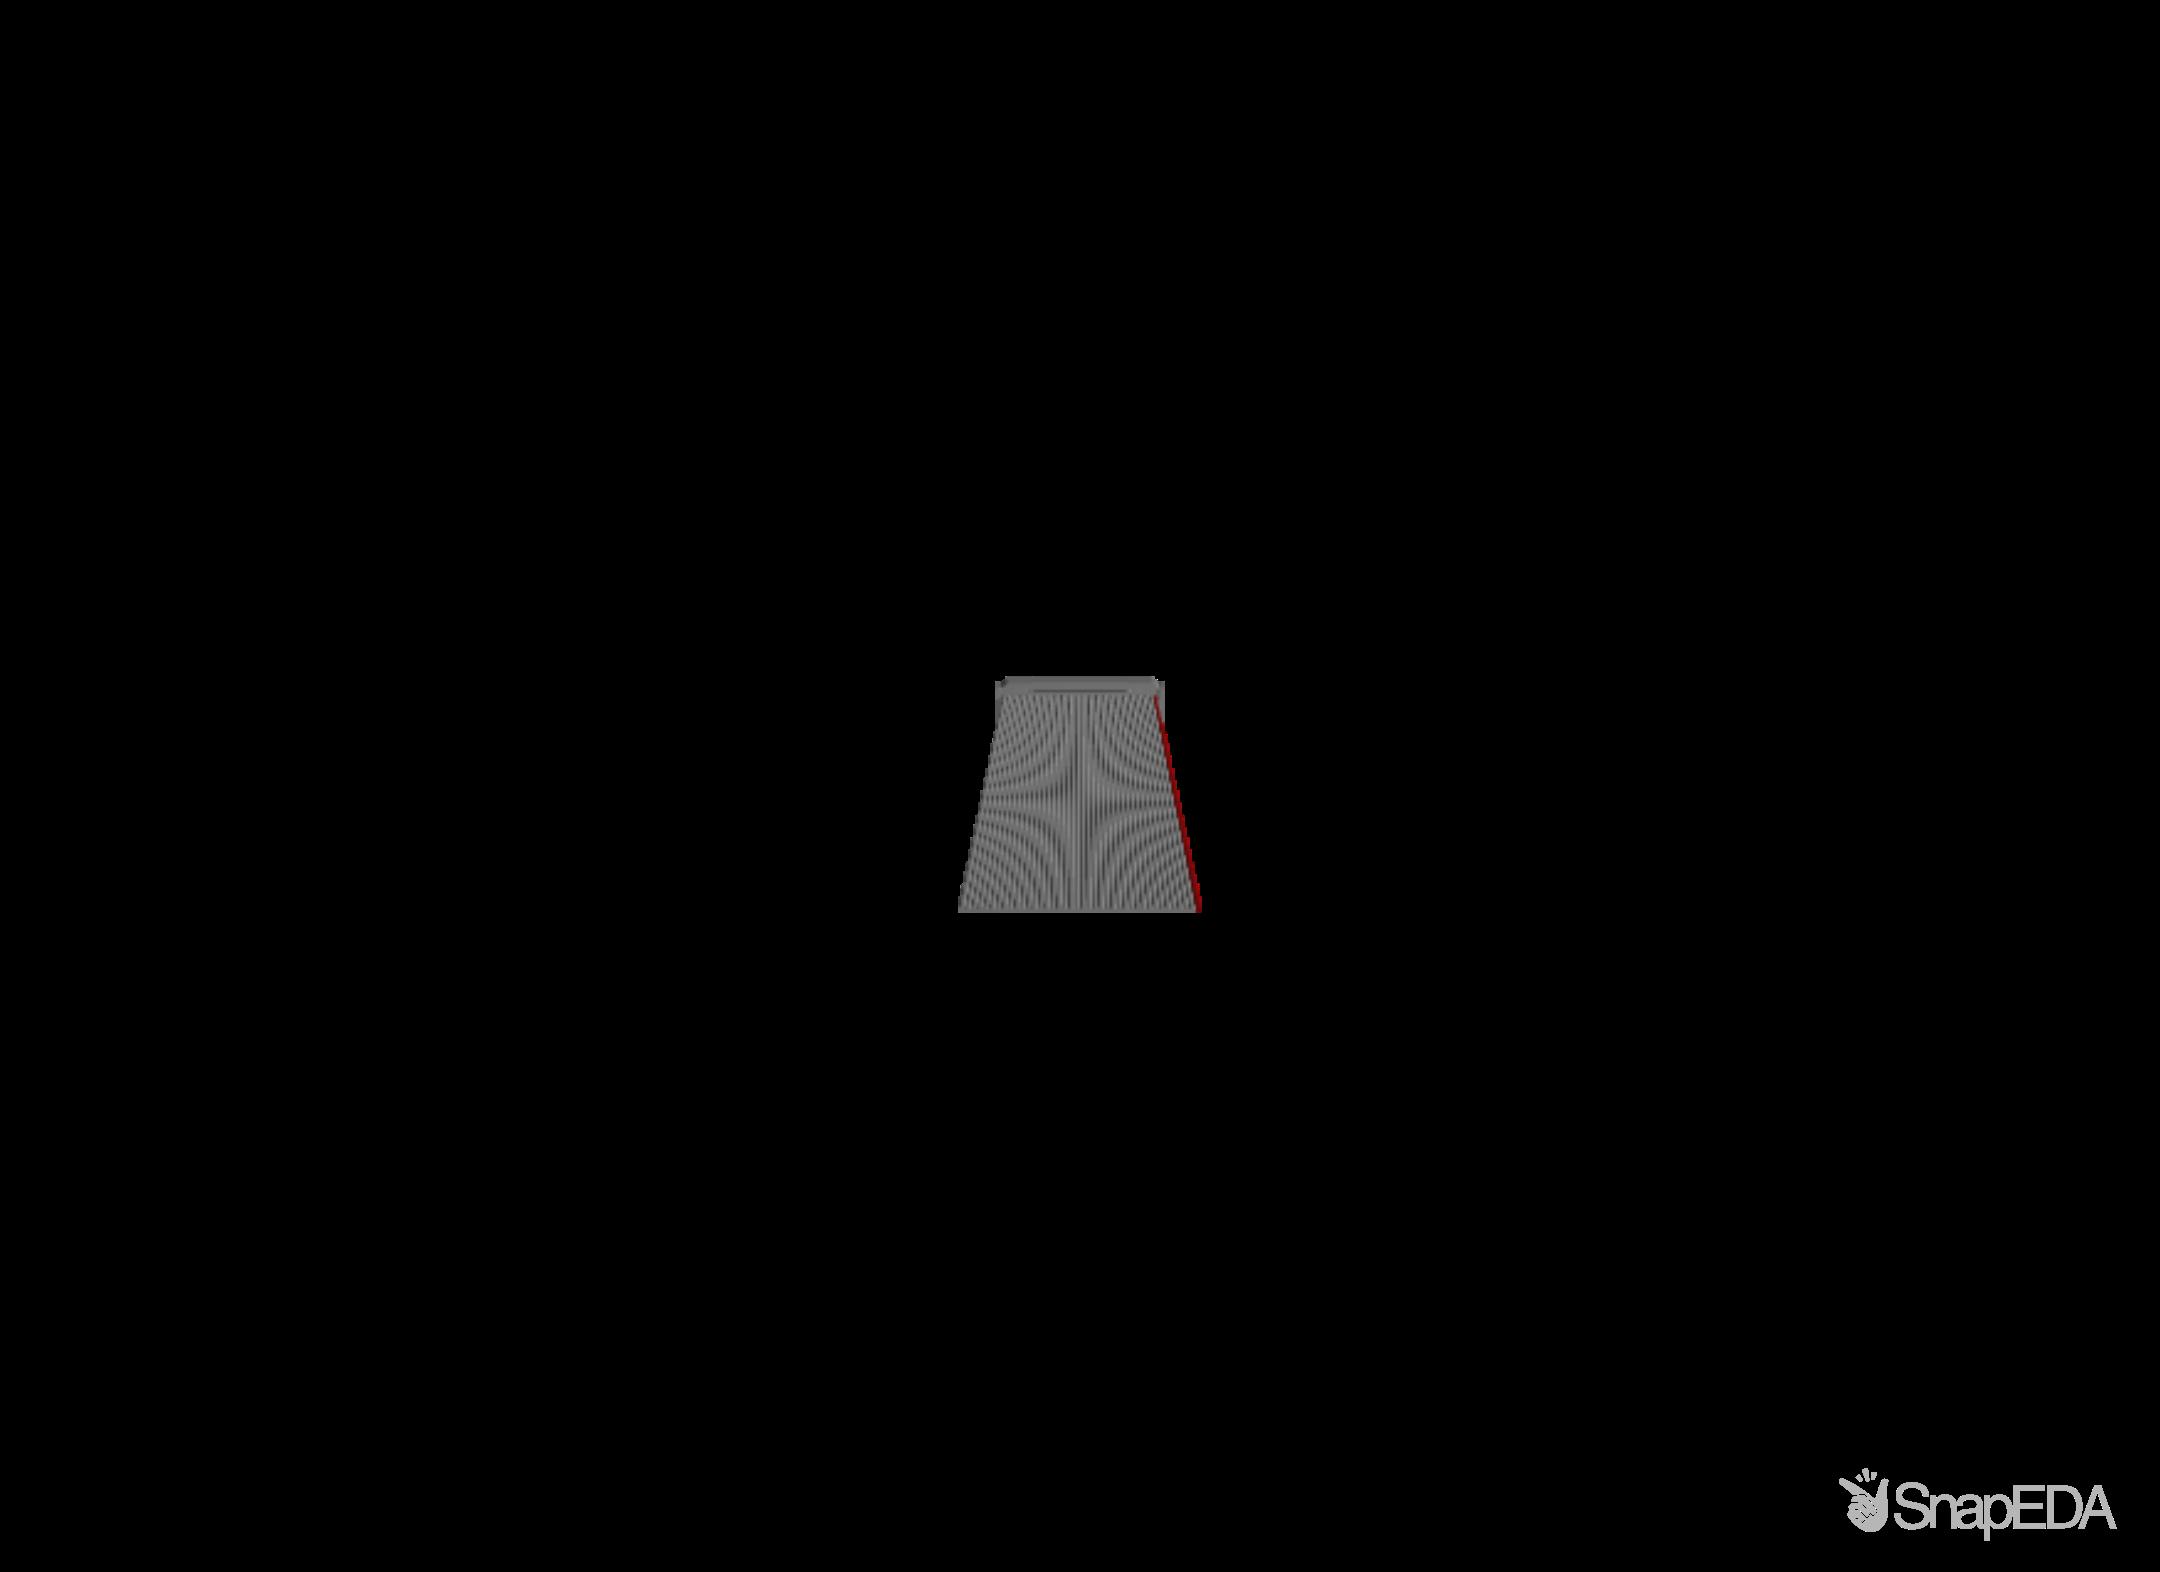 M3DDA-4006J 3D Model